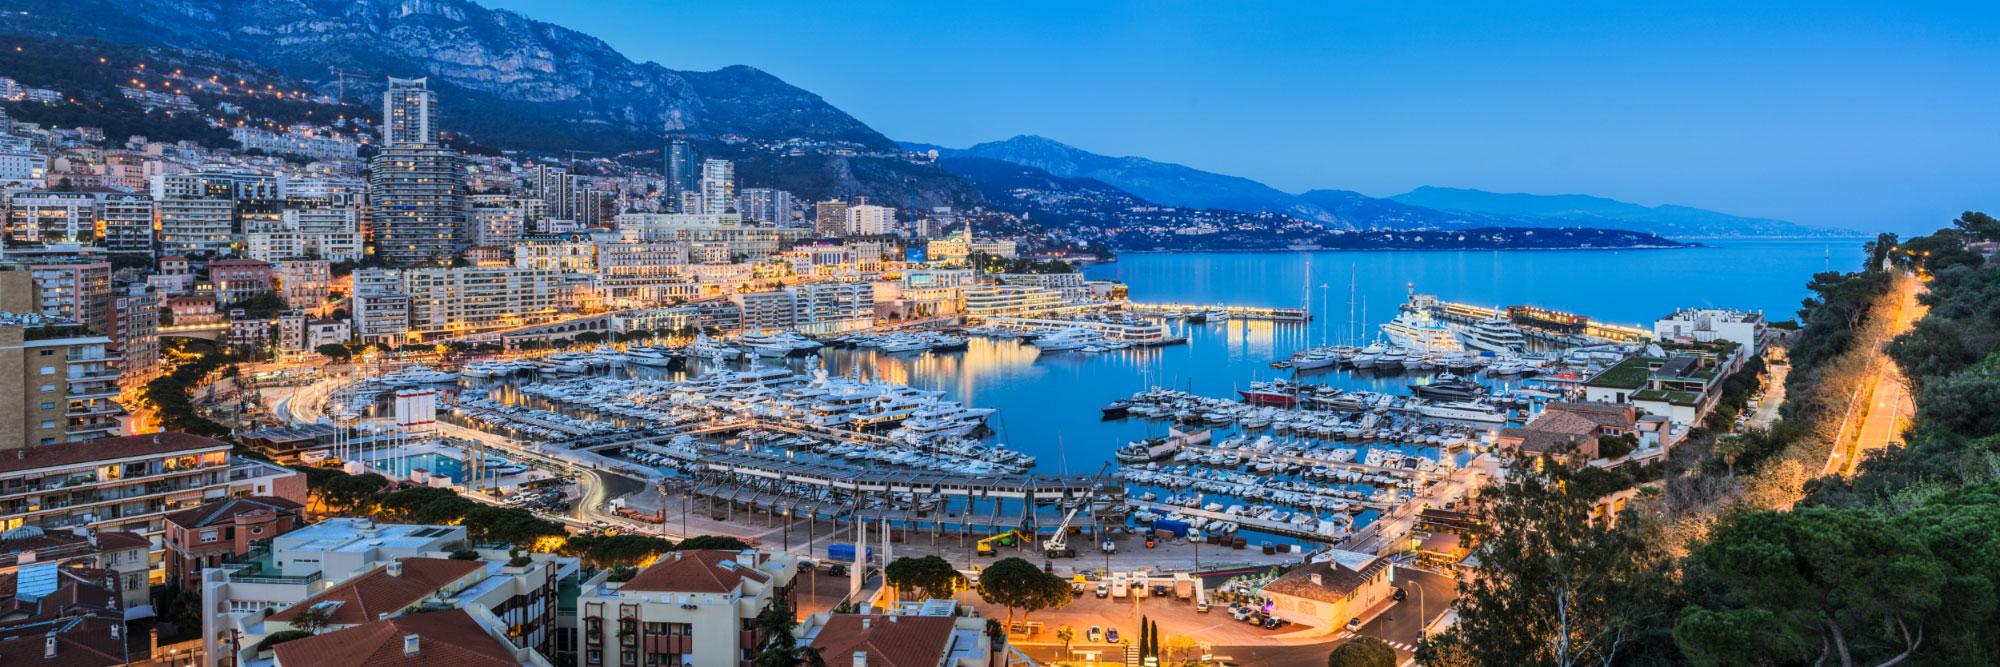 Port Hercule de Monaco, Côte d'Azur